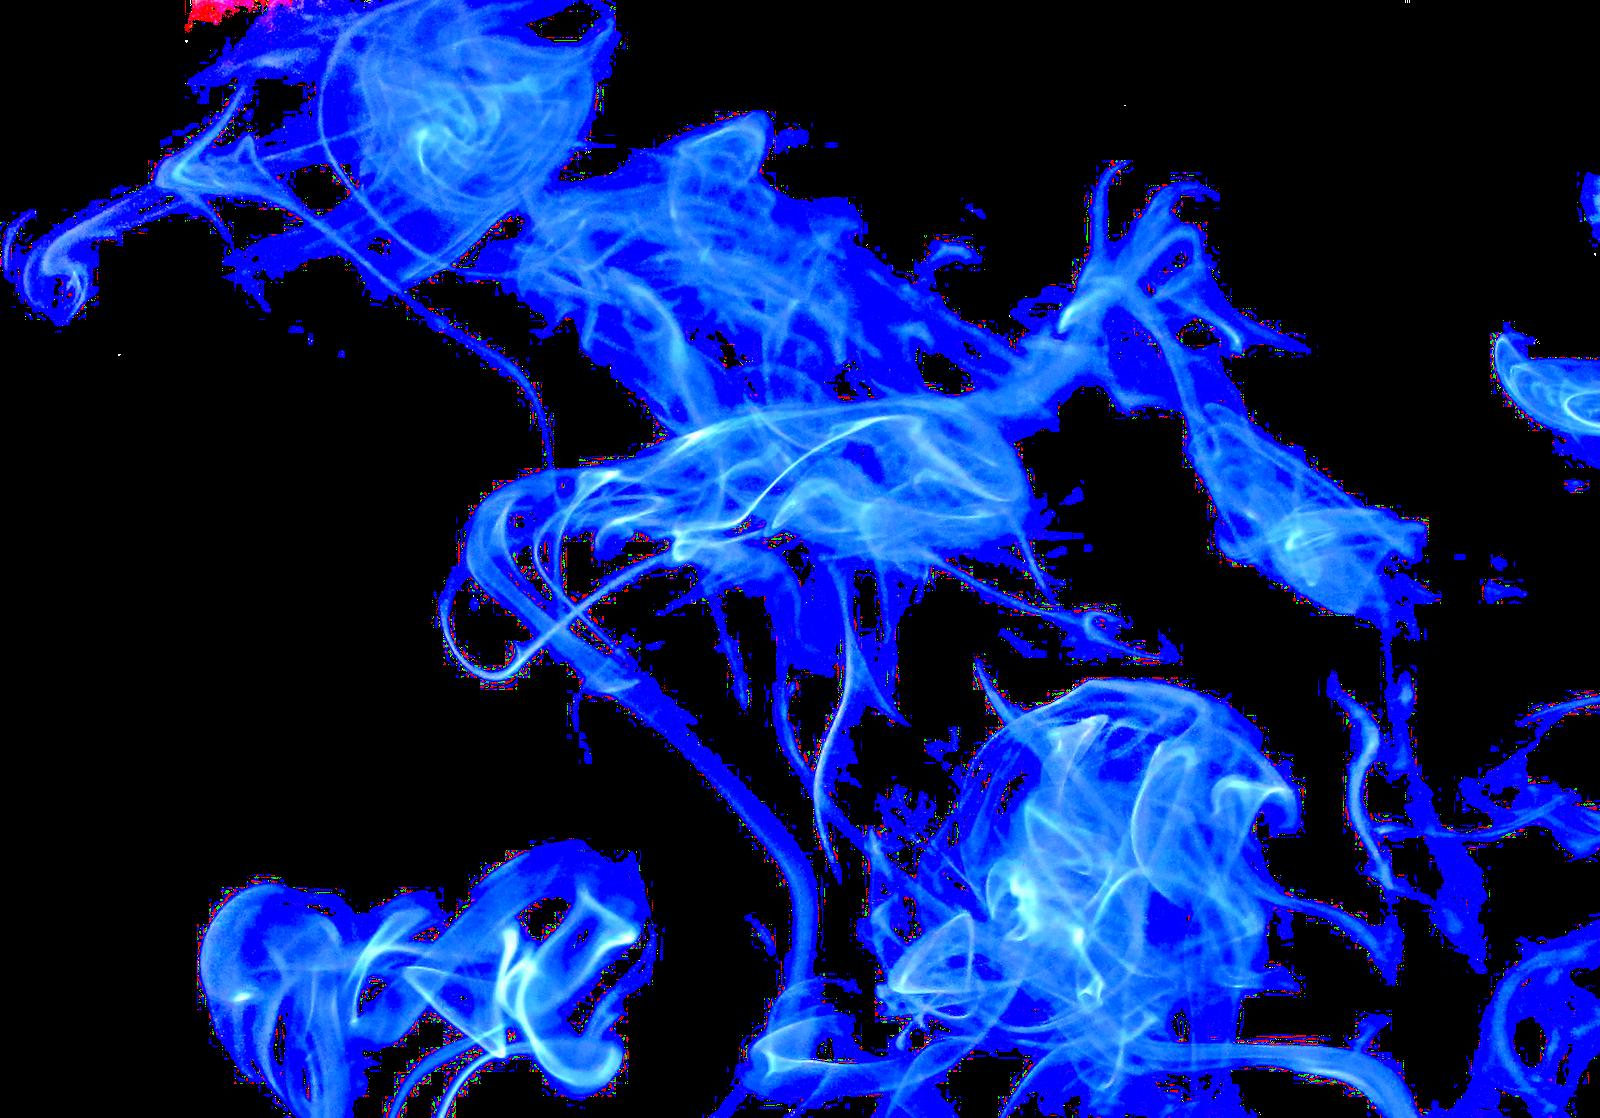 render humo azul